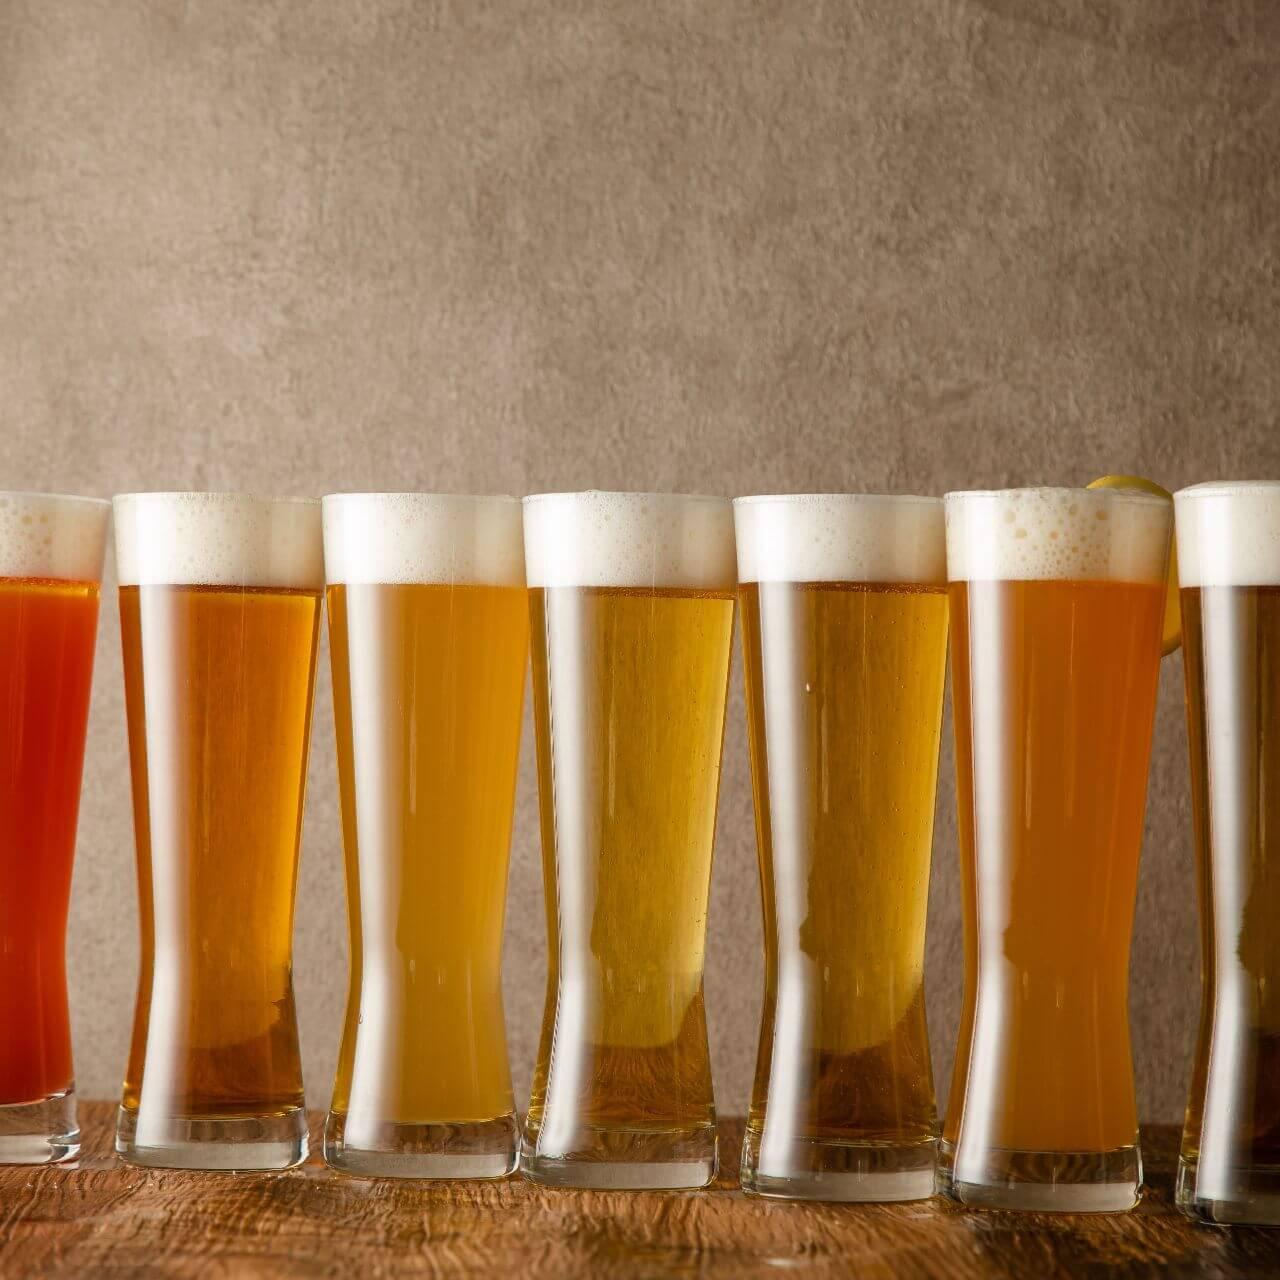 丸の内にあるビールが楽しめるカラオケアミューズメント【MARUNOUCHI BASE(丸の内ベース)】